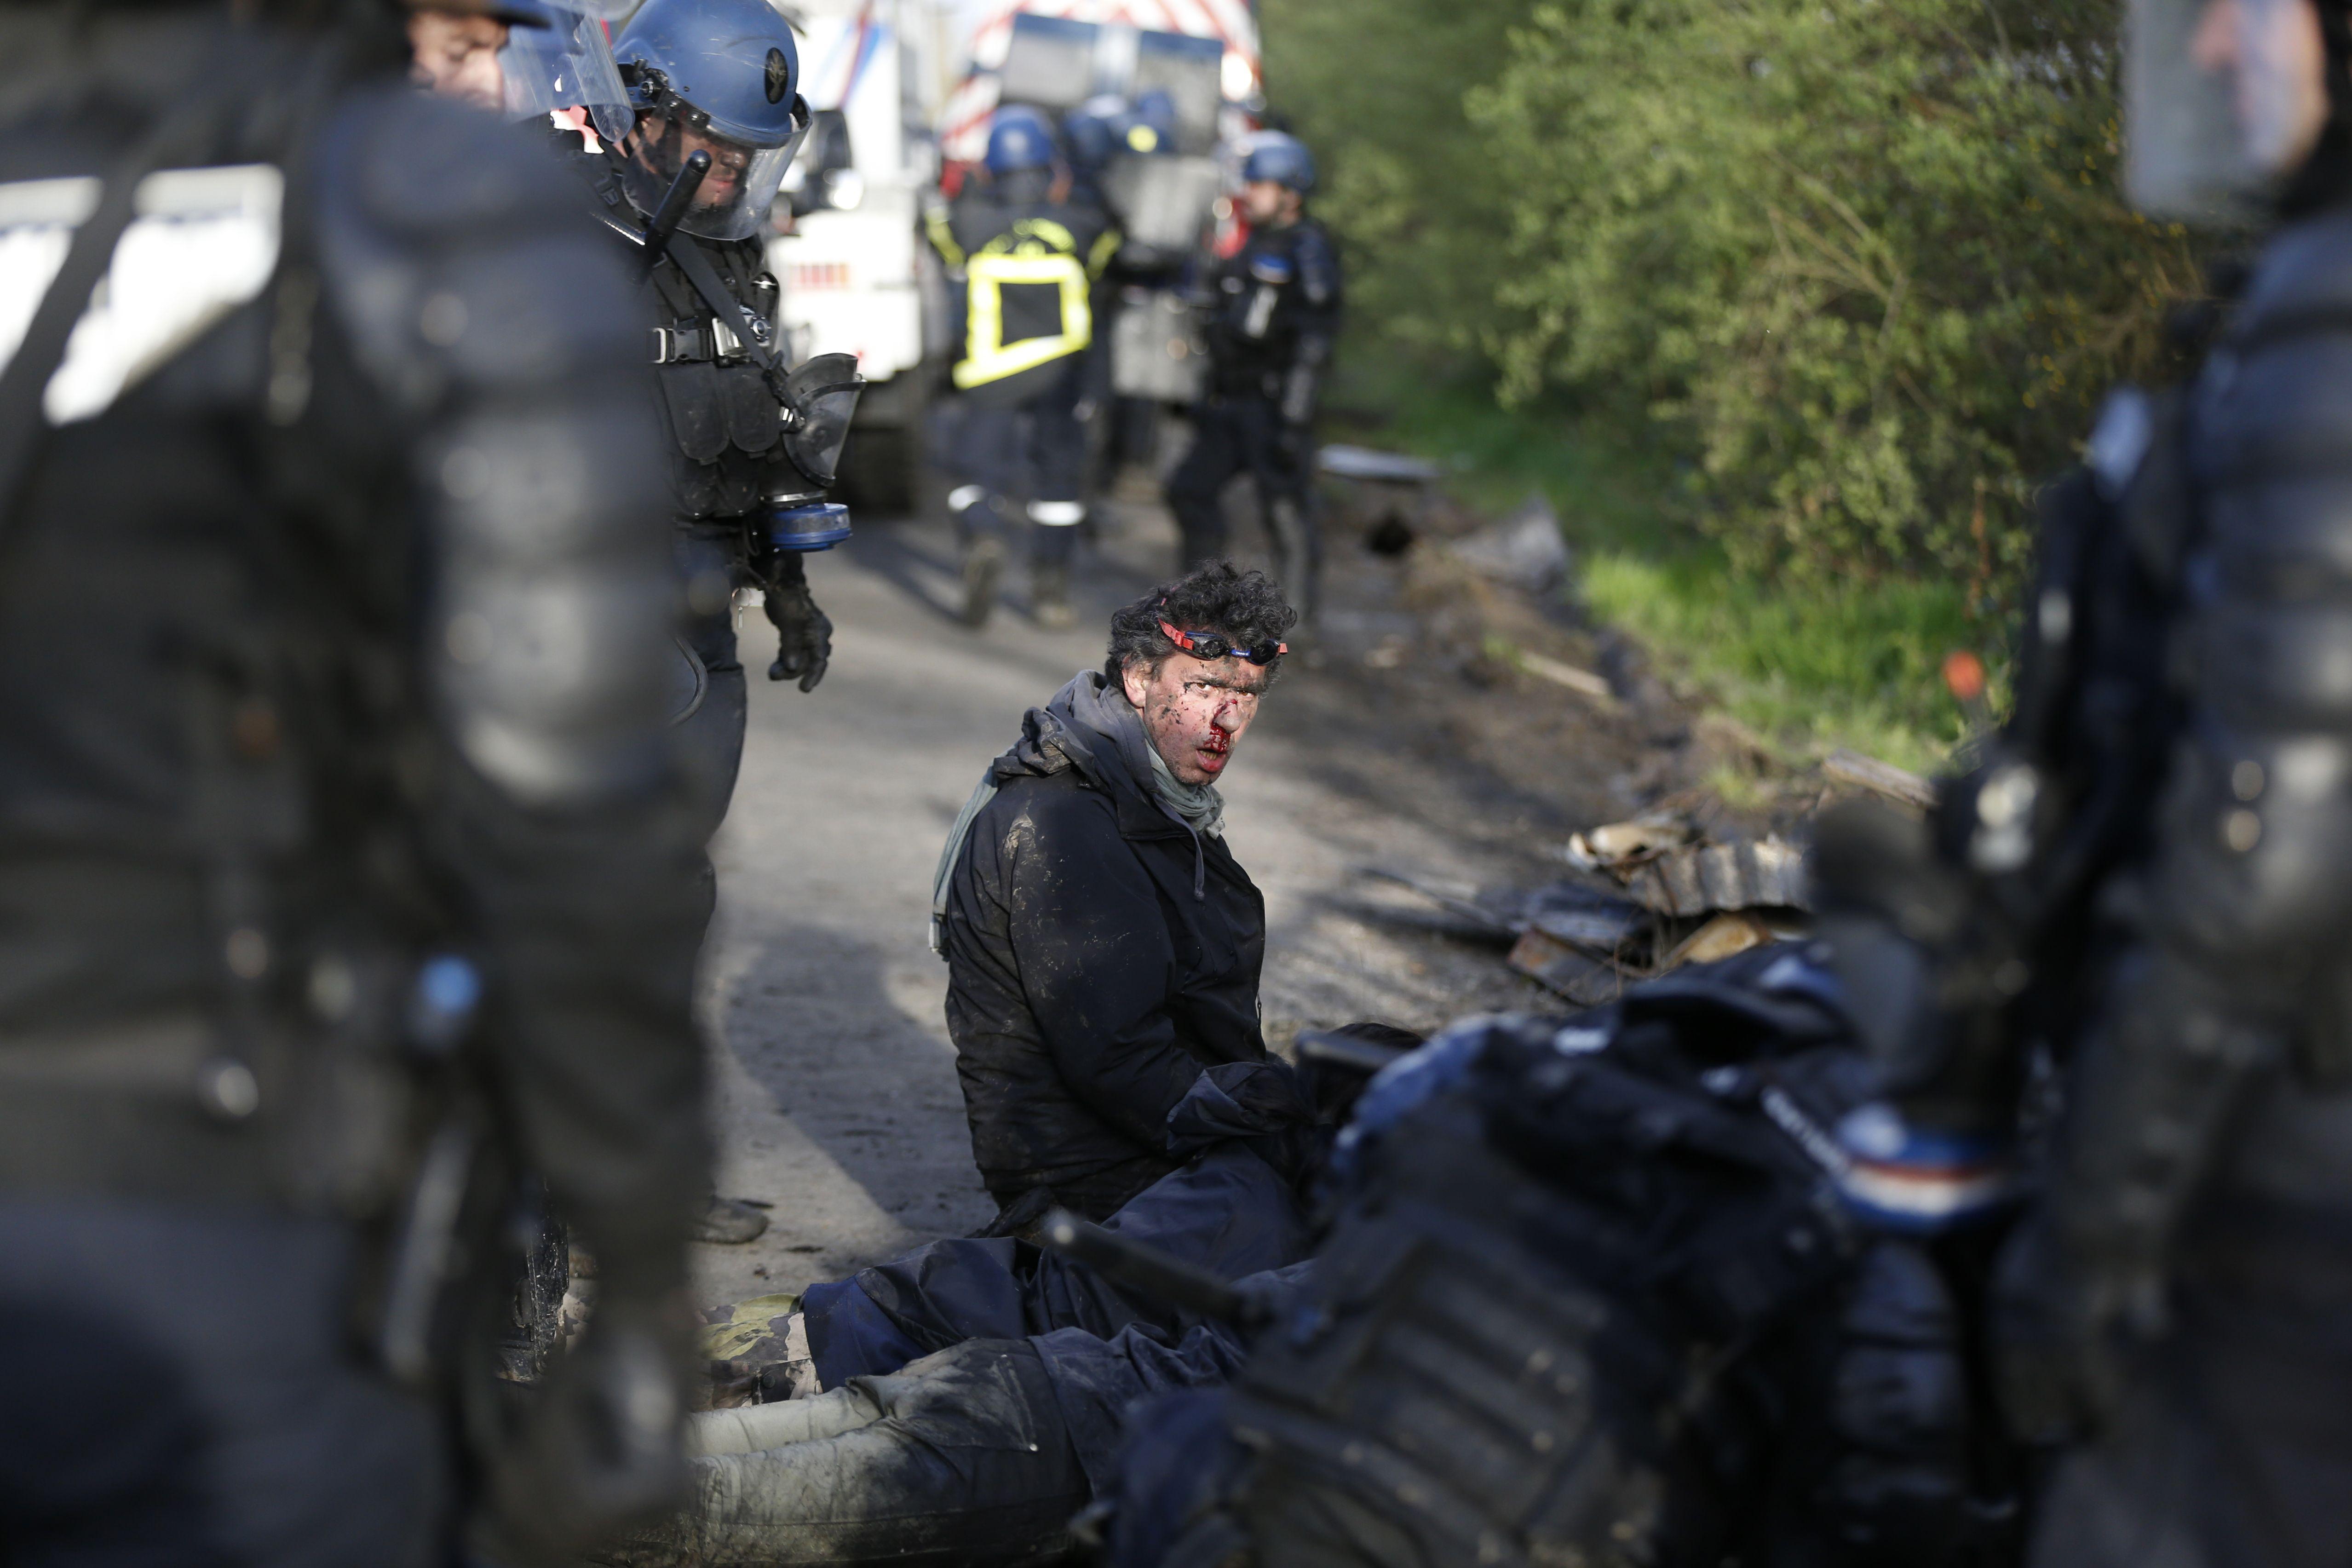 أحد المعتقلين فى فرنسا